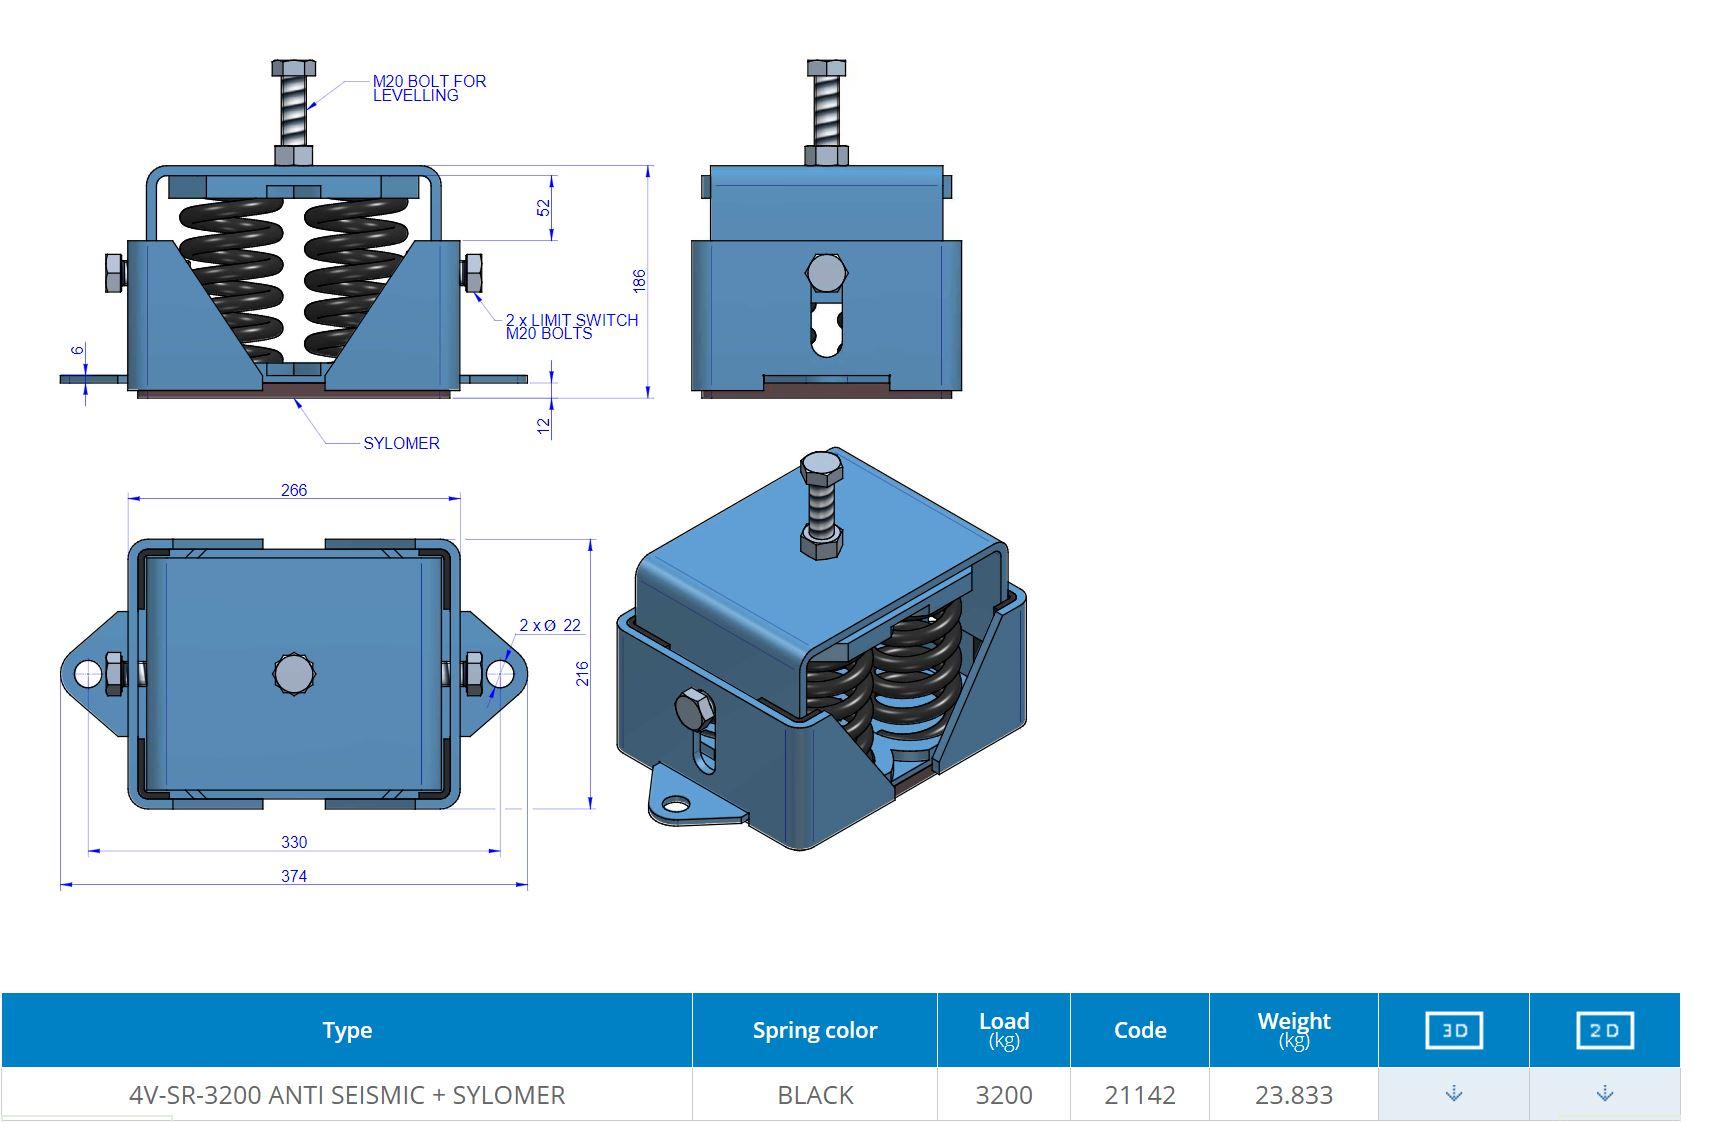 4V-SR-3200 ANTI SEISMIC + SYLOMER